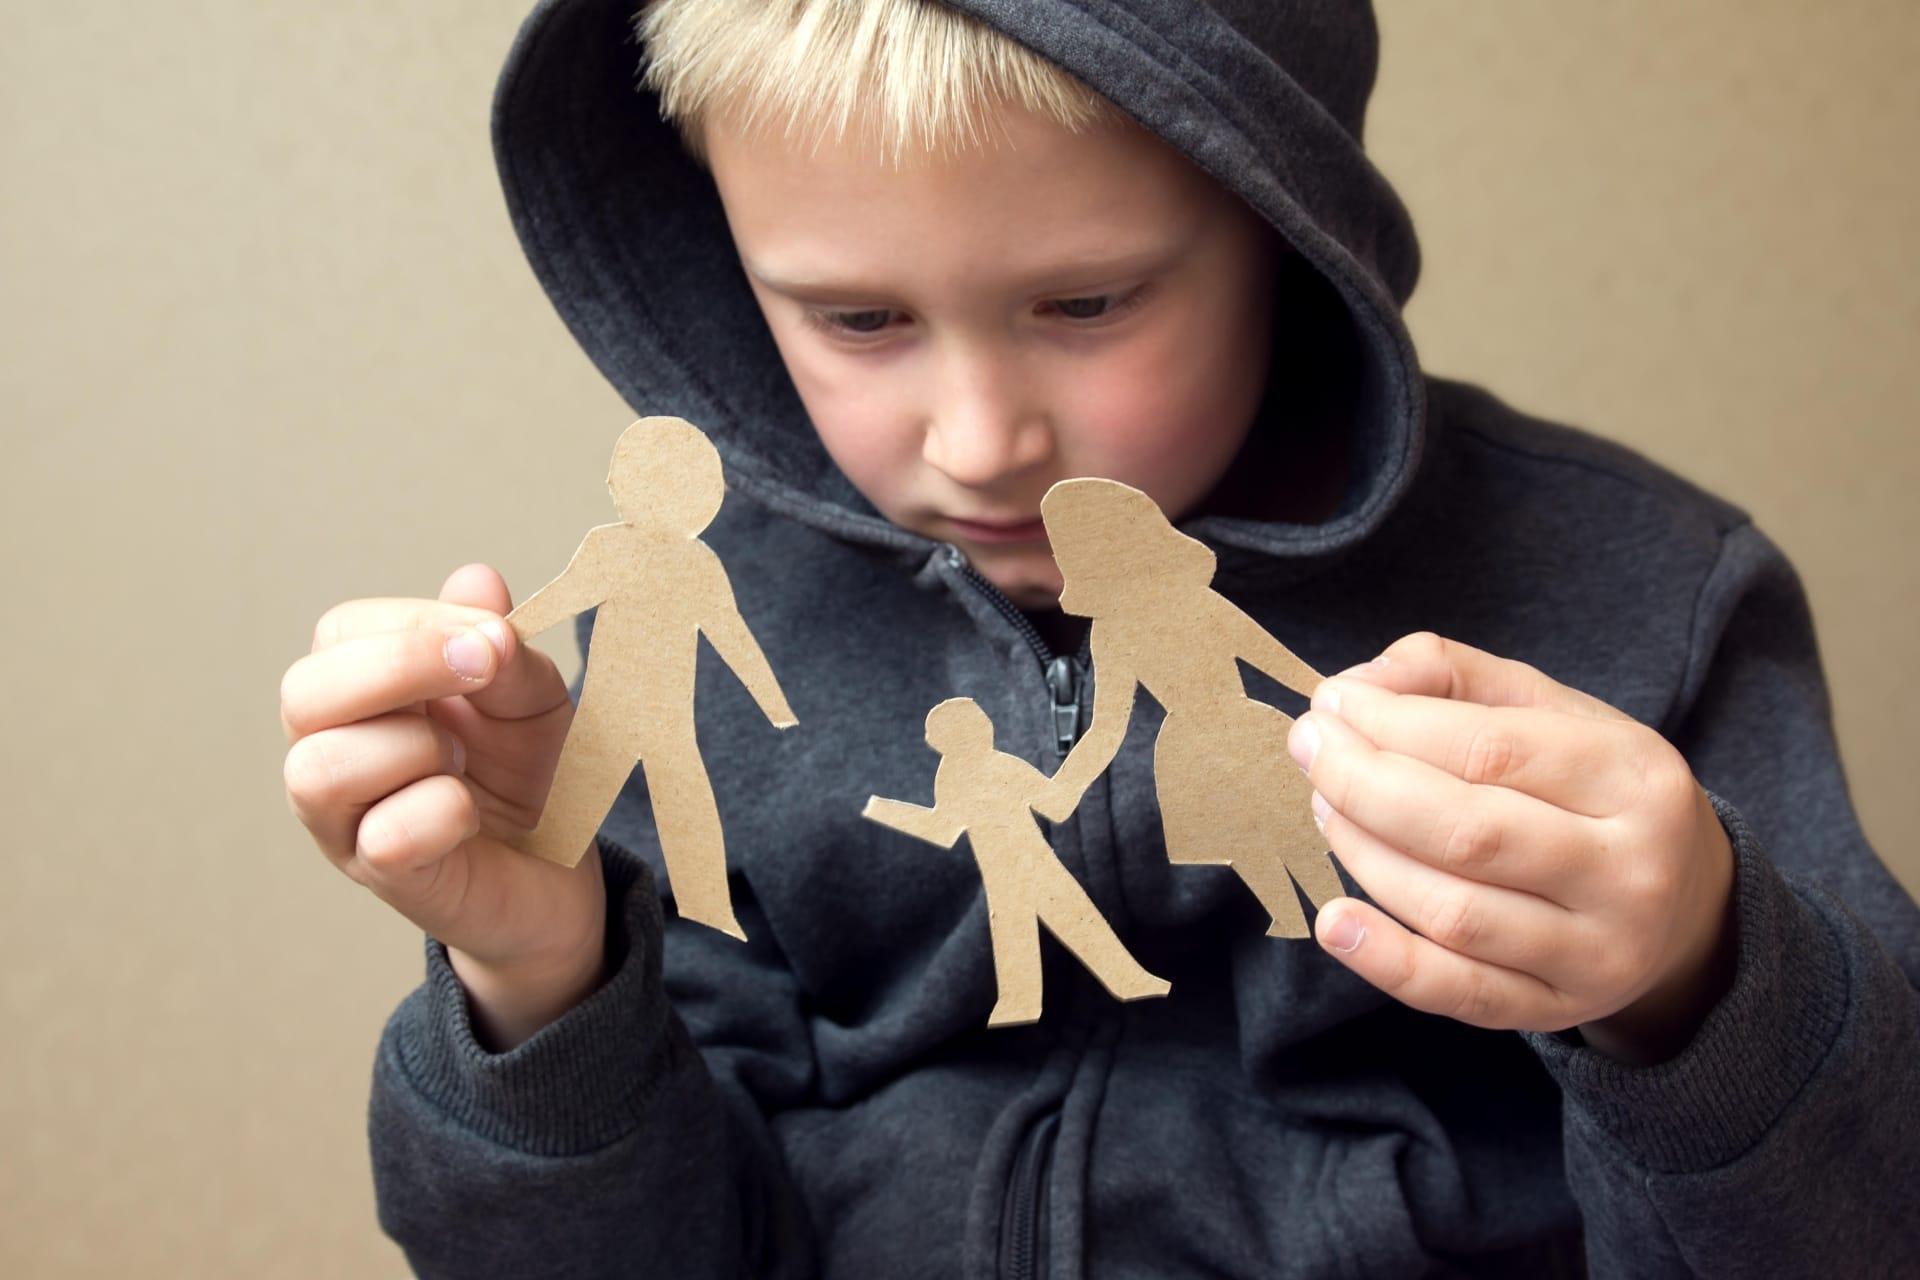 Разделение маленьких детей с родителями навсегда нарушает формирование мозга